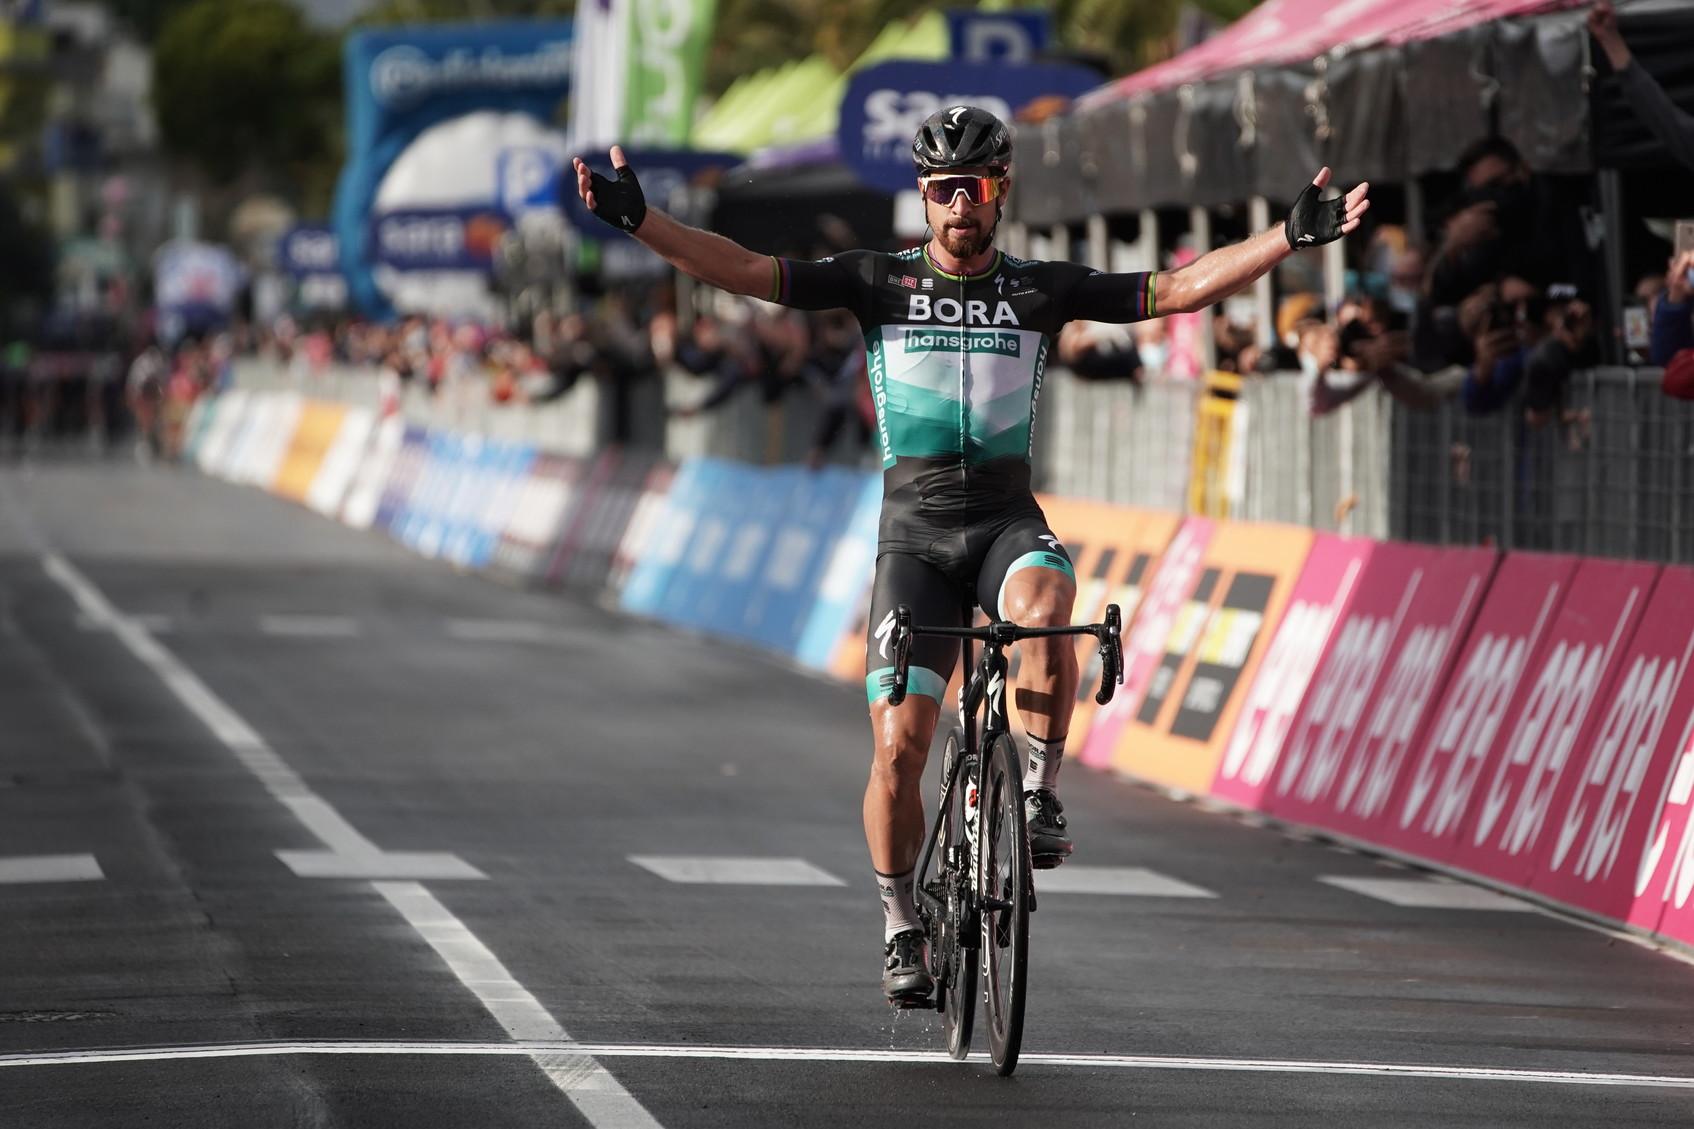 La decima tappa del Giro d&rsquo;Italia 2020,&nbsp;da Lanciano a Tortoreto, viene meritatamente vinta da&nbsp;Peter Sagan. Lo slovacco precede&nbsp;Brandon McNulty&nbsp;e la maglia rosa&nbsp;Joao Almeida.<br /><br />